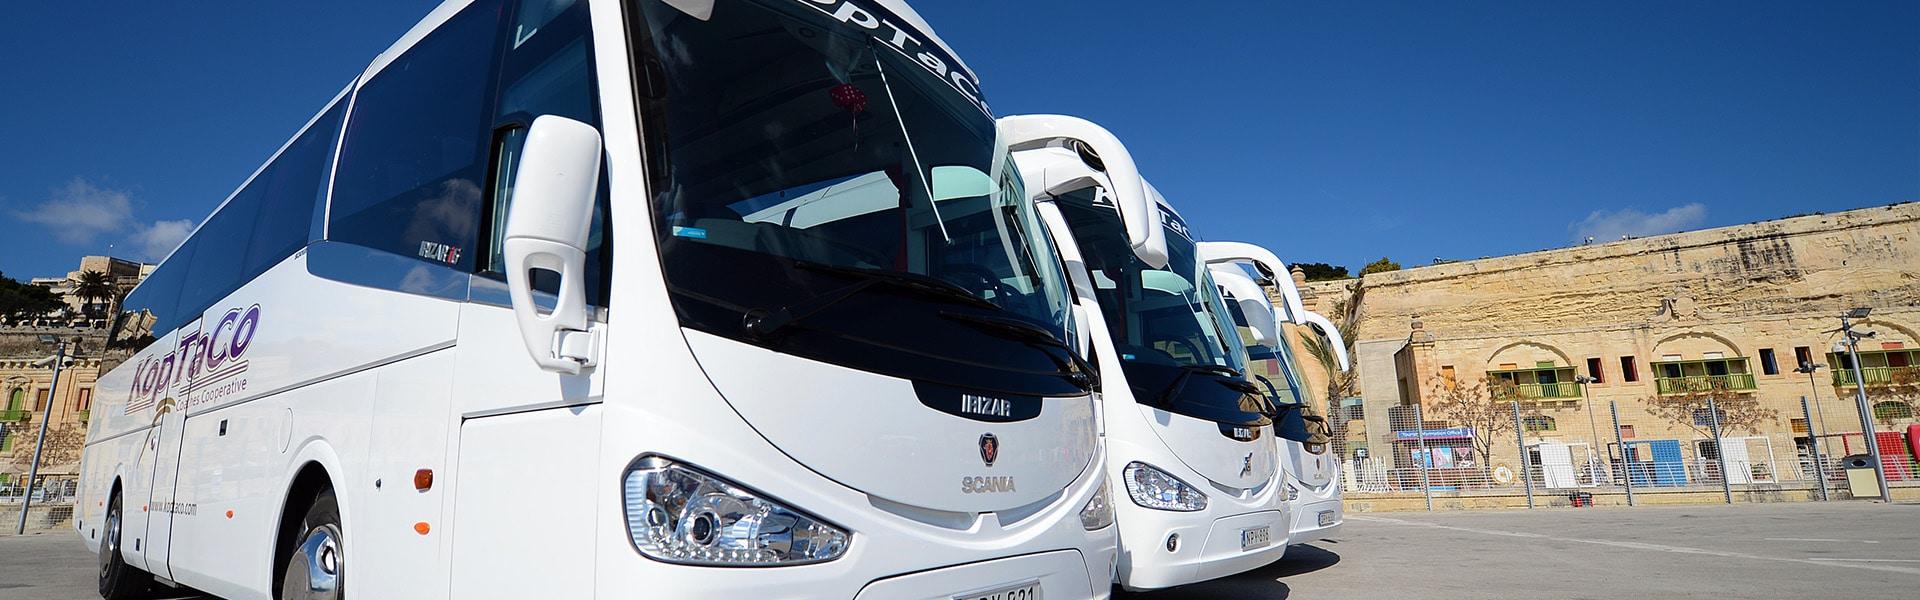 koptaco transport service bus company in malta slide 3